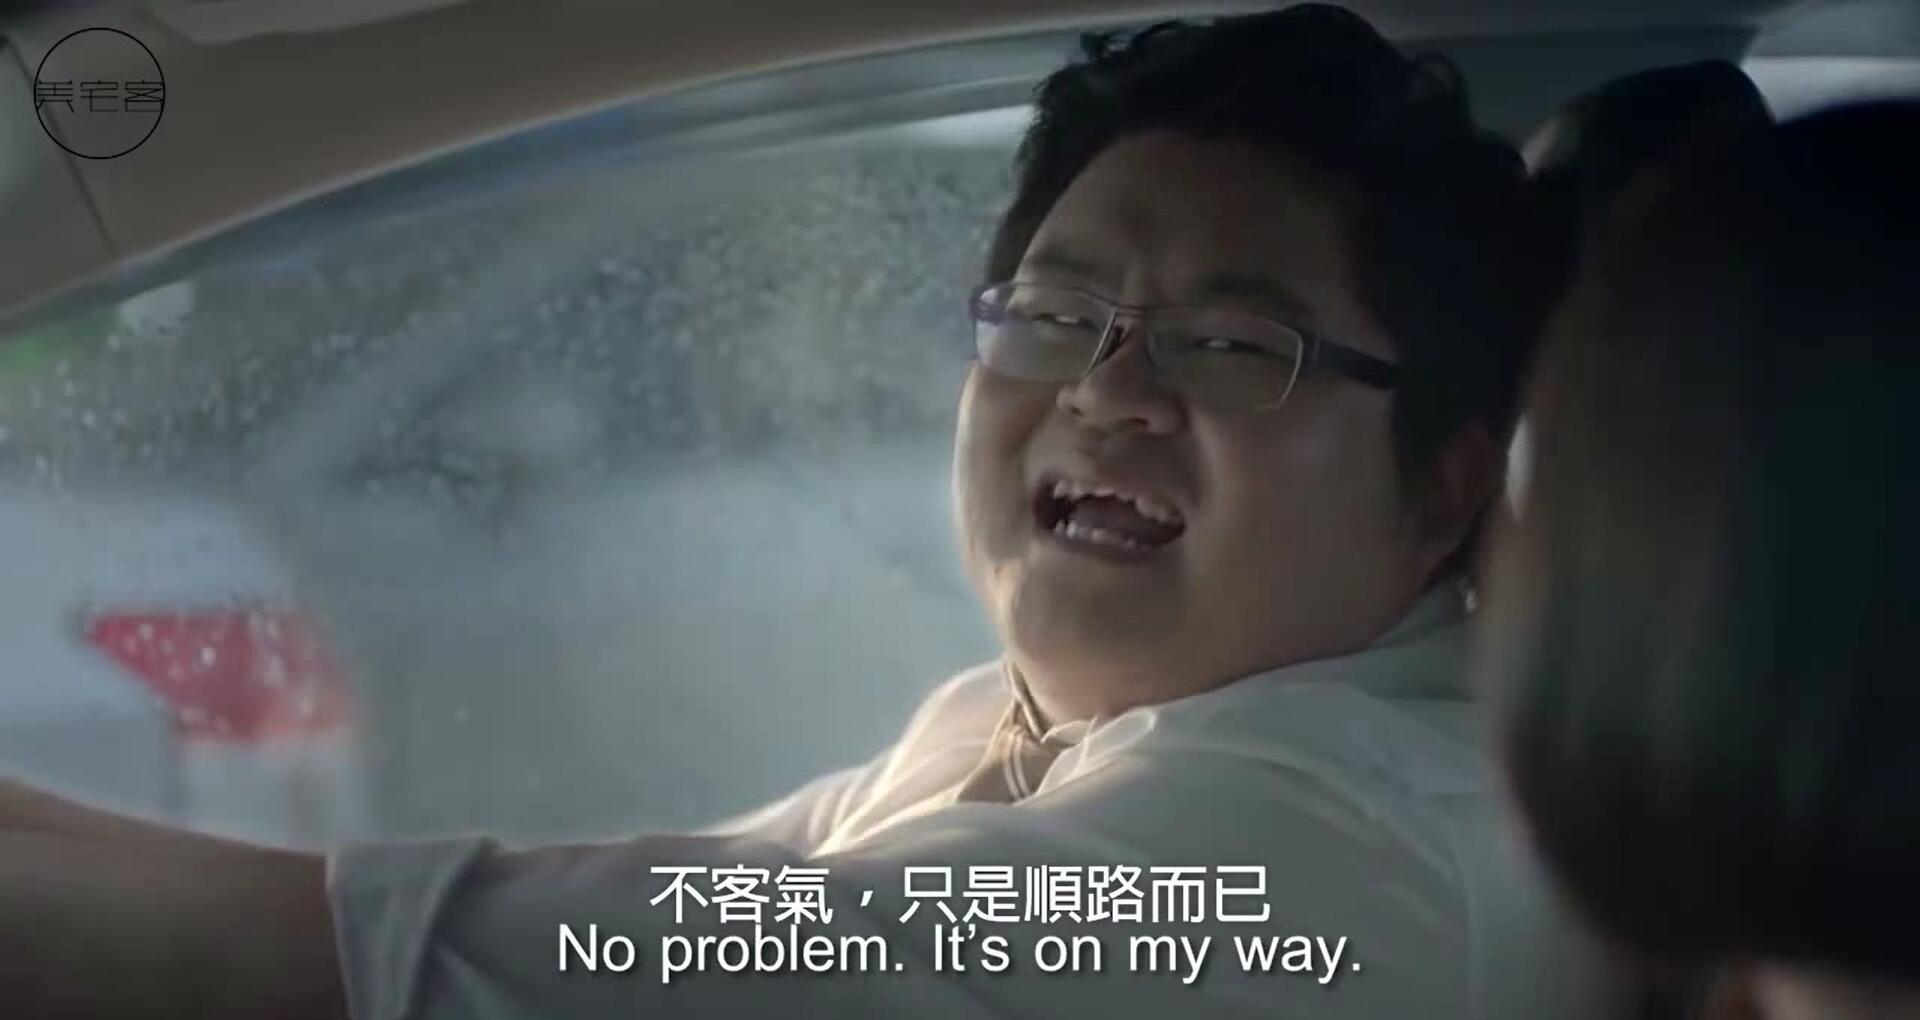 泰国搞笑广告:不用开口就能向你心爱的她表白,碉堡了